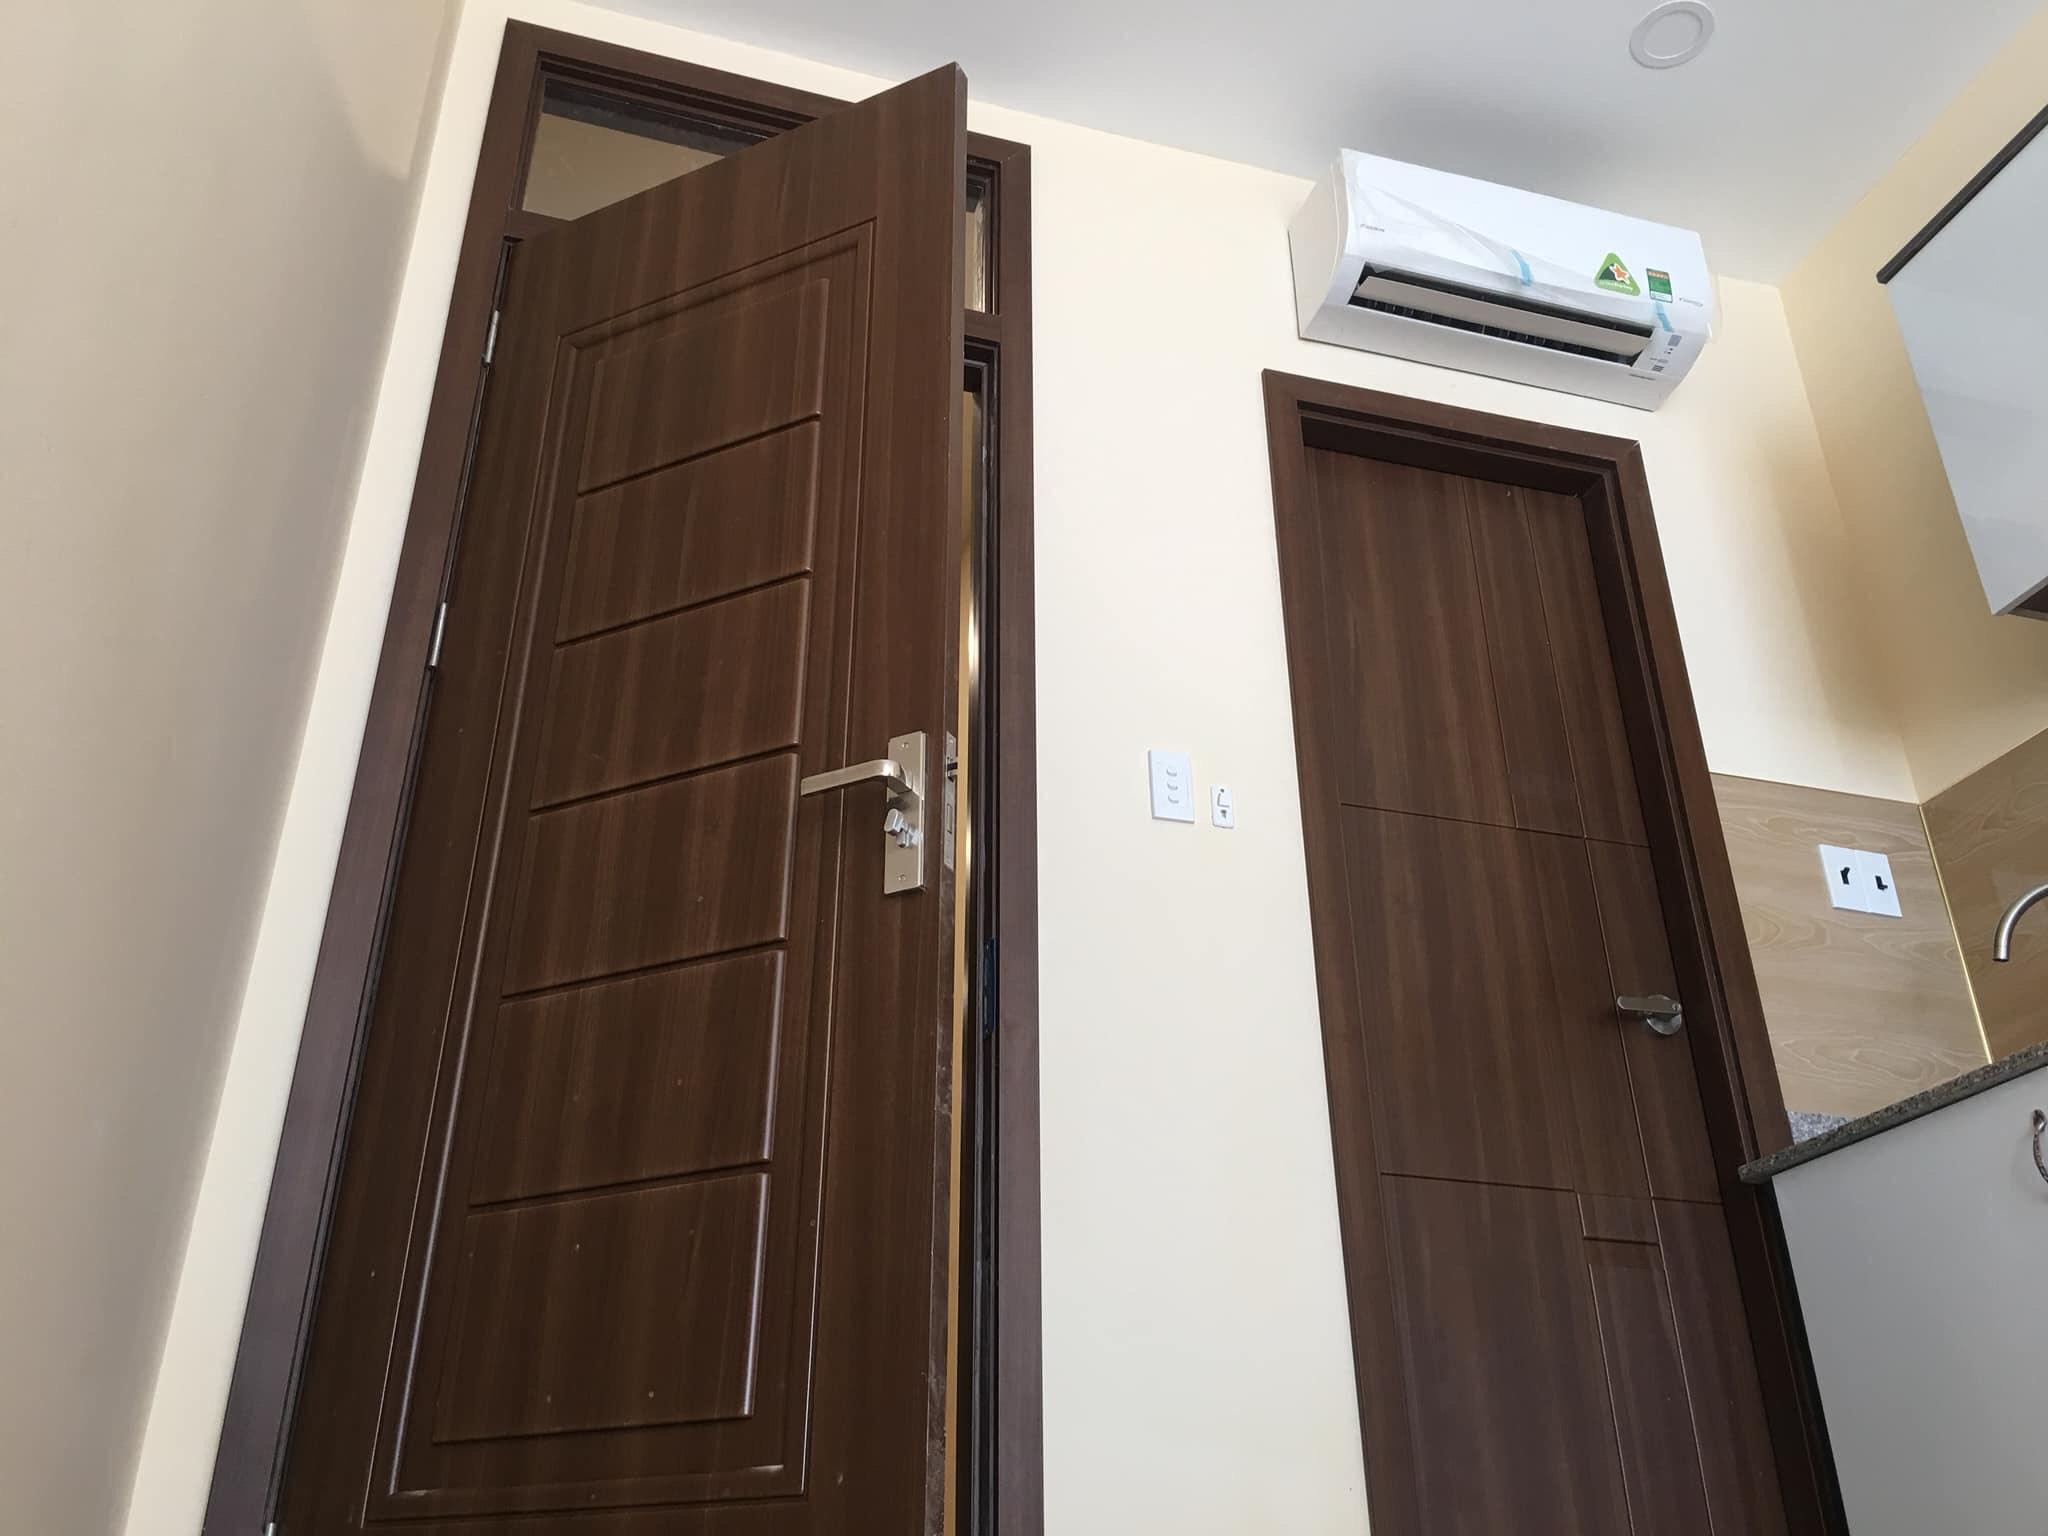 cửa nhựa giả gỗ dành cho khách sạn, nhà trọ, chung cư